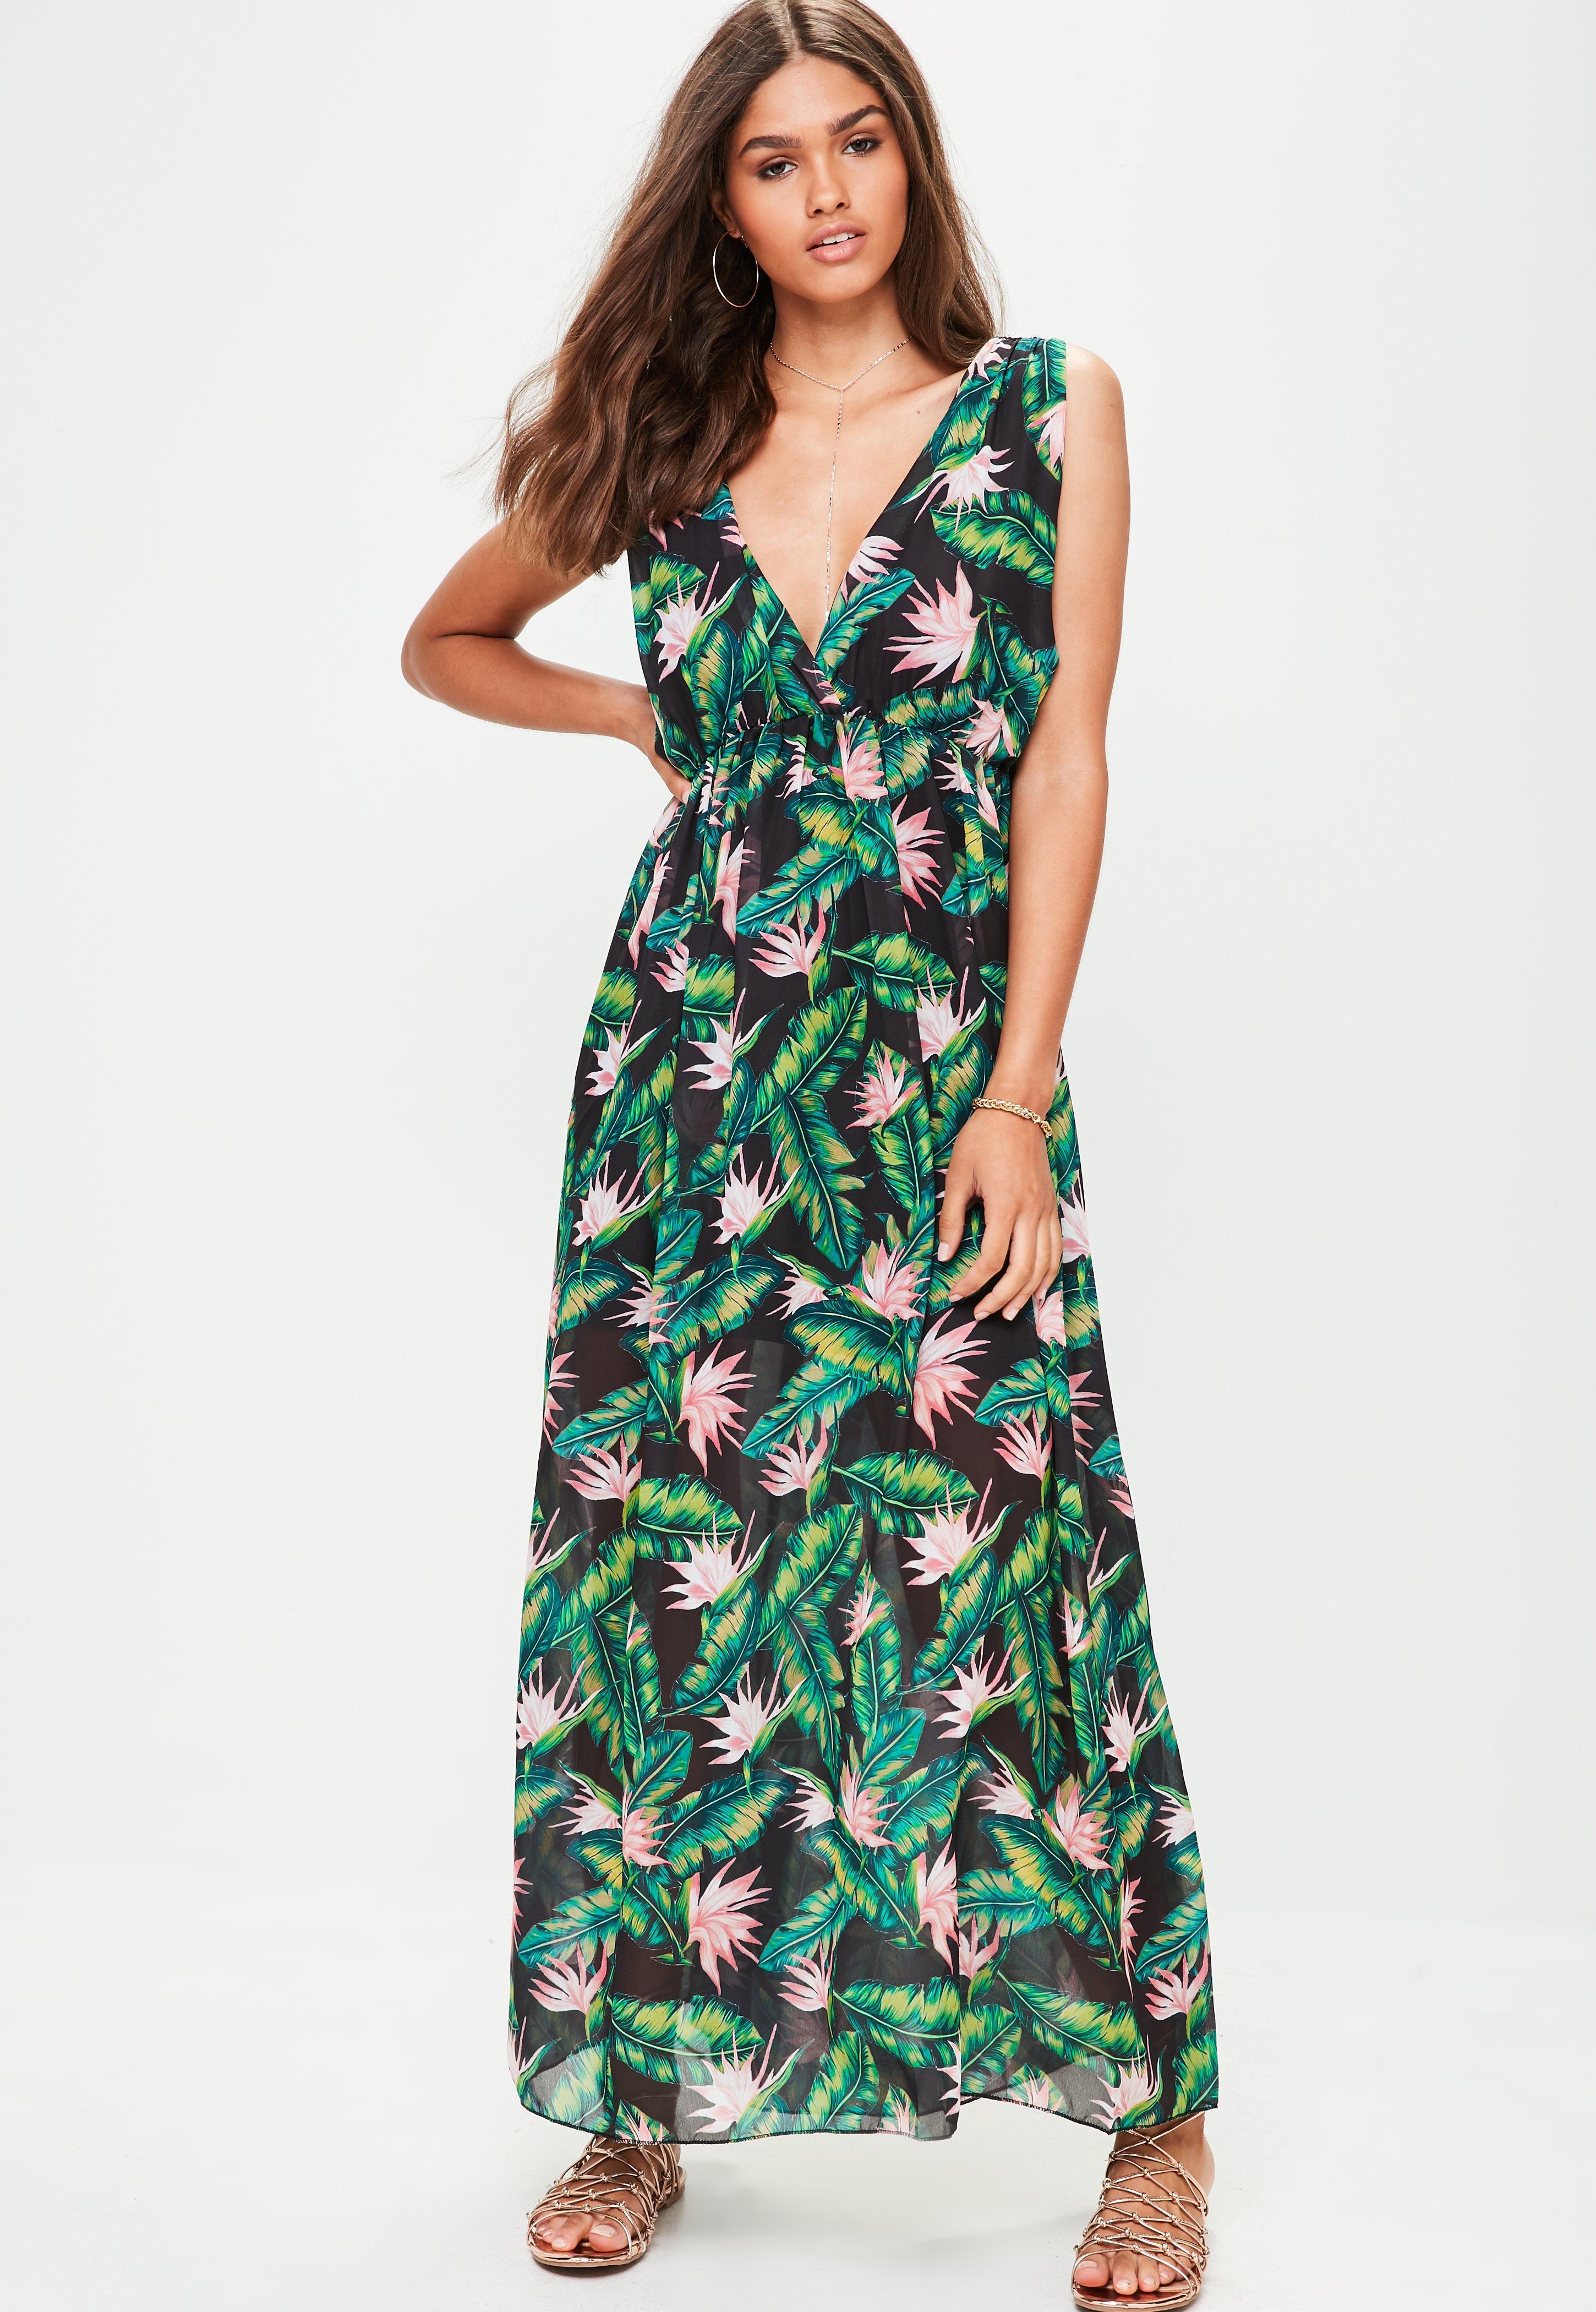 Missguided Black Leaf Print Maxi Dress